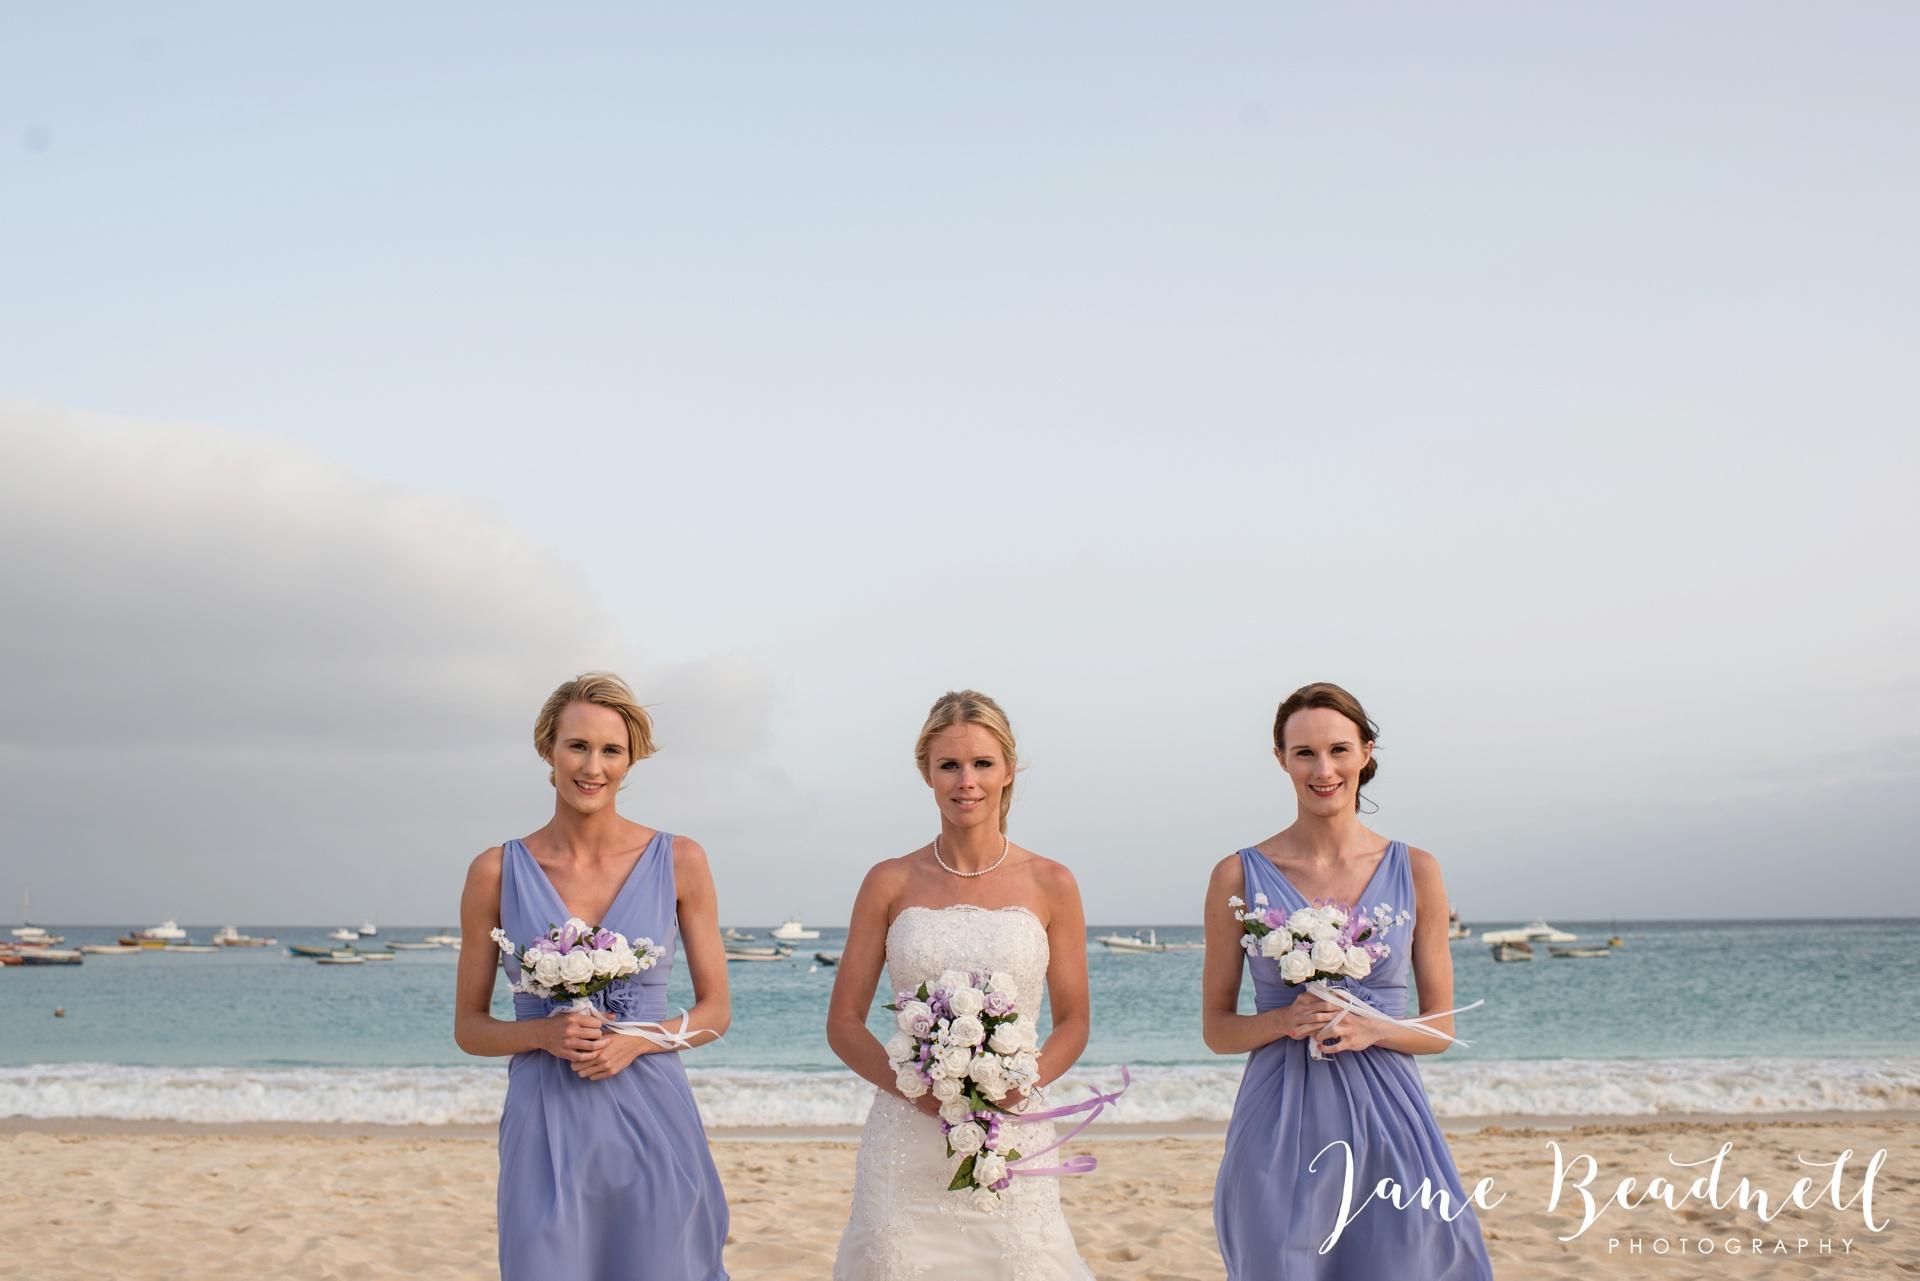 Jane Beadnell fine art wedding photographer Leeds Destination wedding photographer_0023